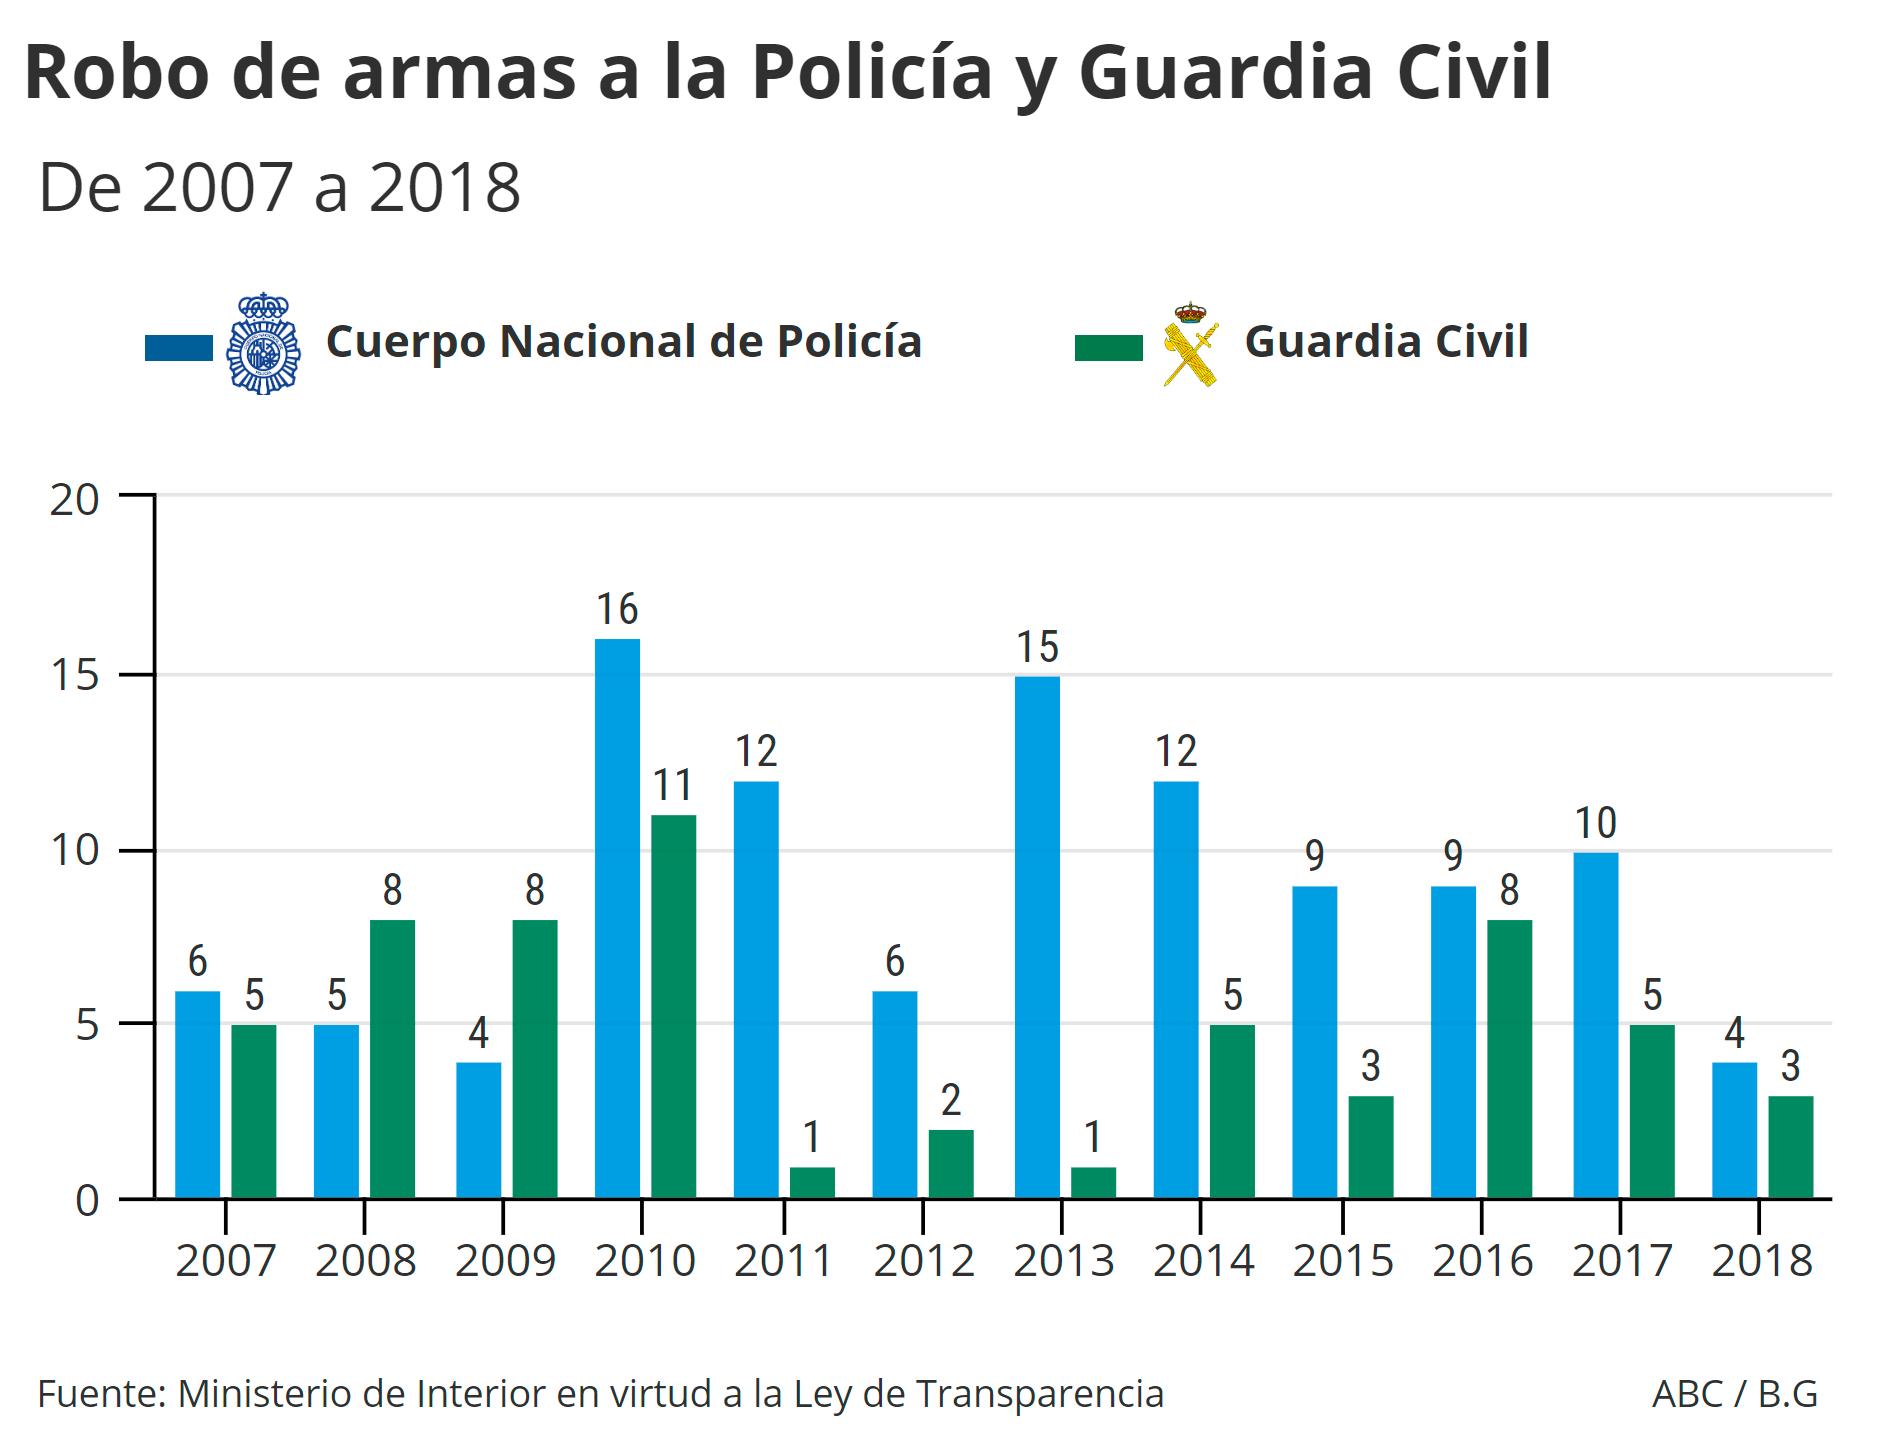 2010 fue el año en el que robaron más armas a las Fuerzas y Cuerpos de Seguridad del Estado, con un total de 27. Ese mismo año fue cuando sustrajeron más dotaciones a los integrantes del Cuerpo Nacional de Policía (16) y a los de la Guardia Civil (11)